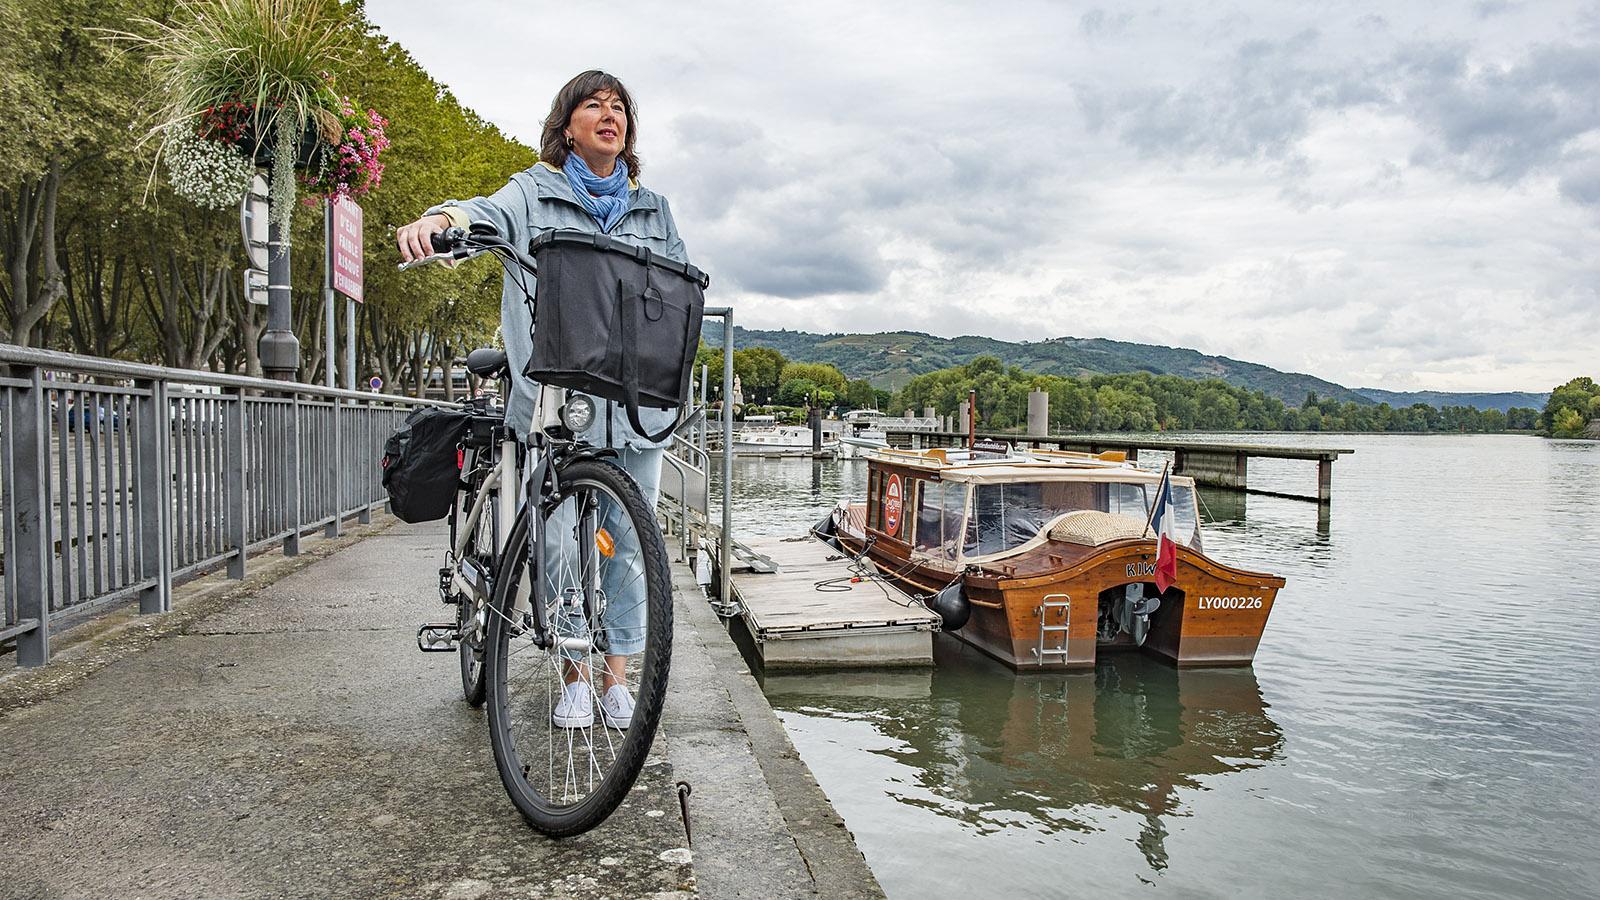 Boat & Bike in Tournon an der Rhône.Foto: Hilke Maunder